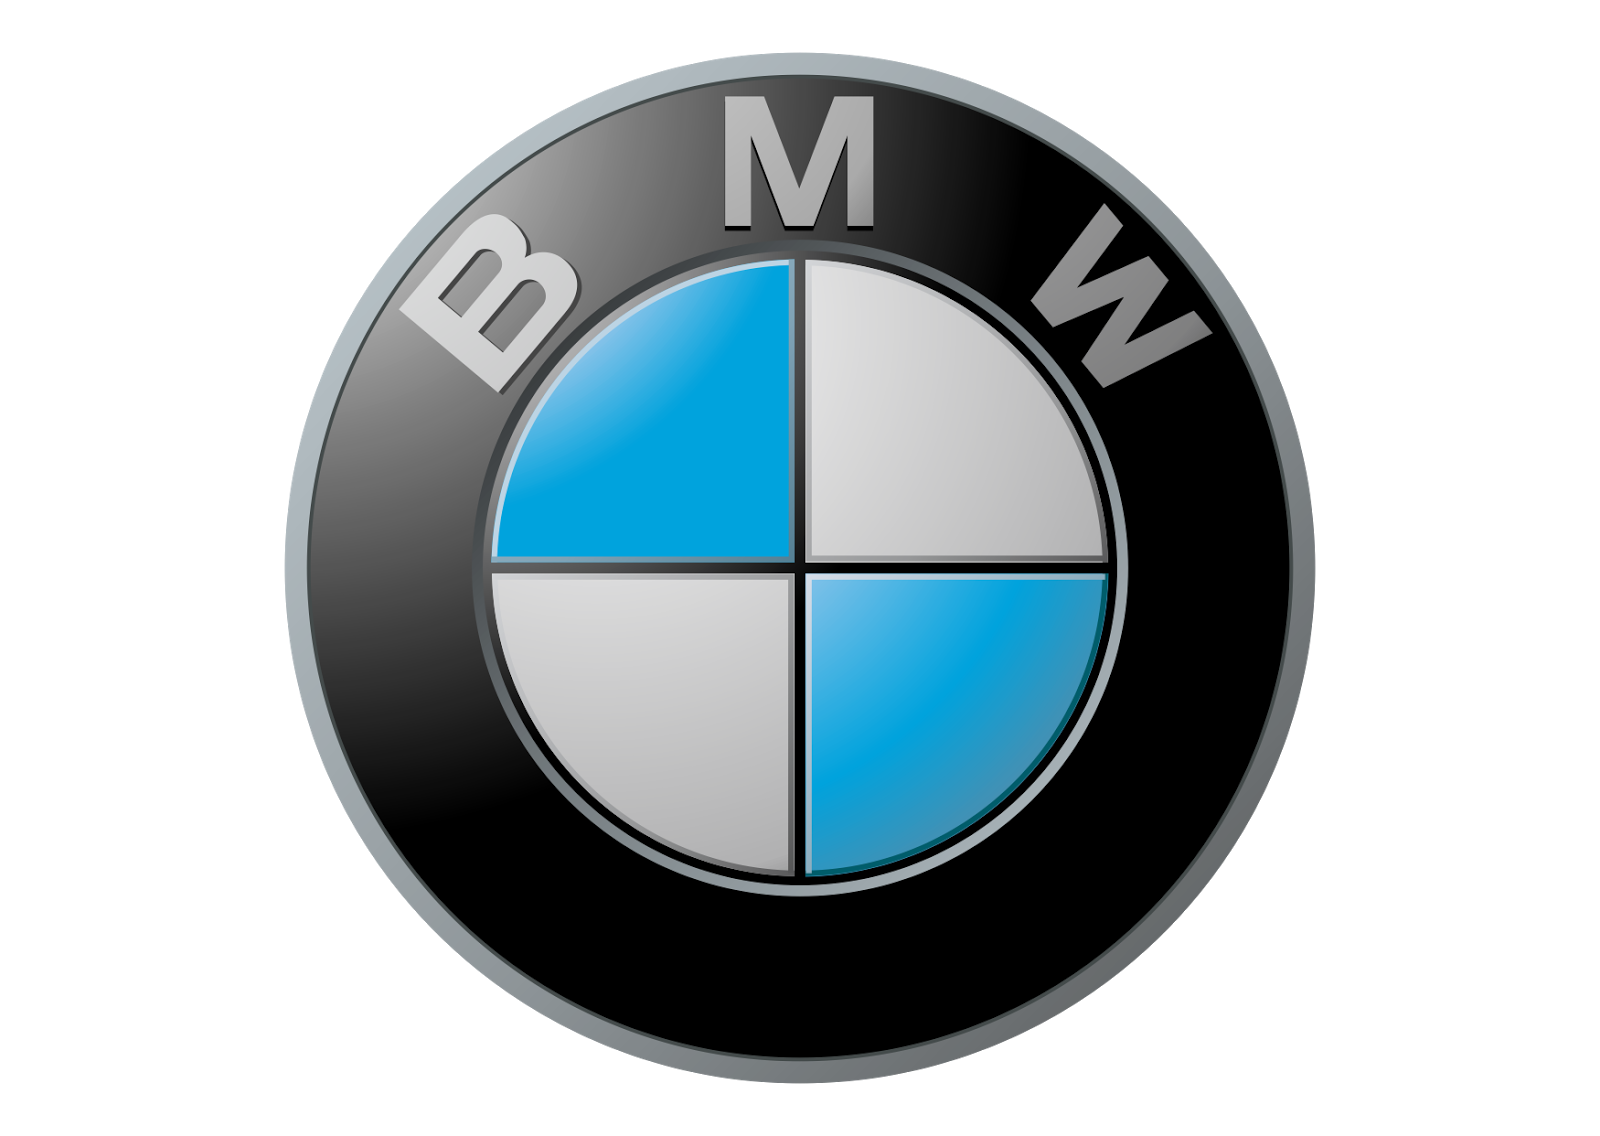 Logo Downloa...G-logo White Png